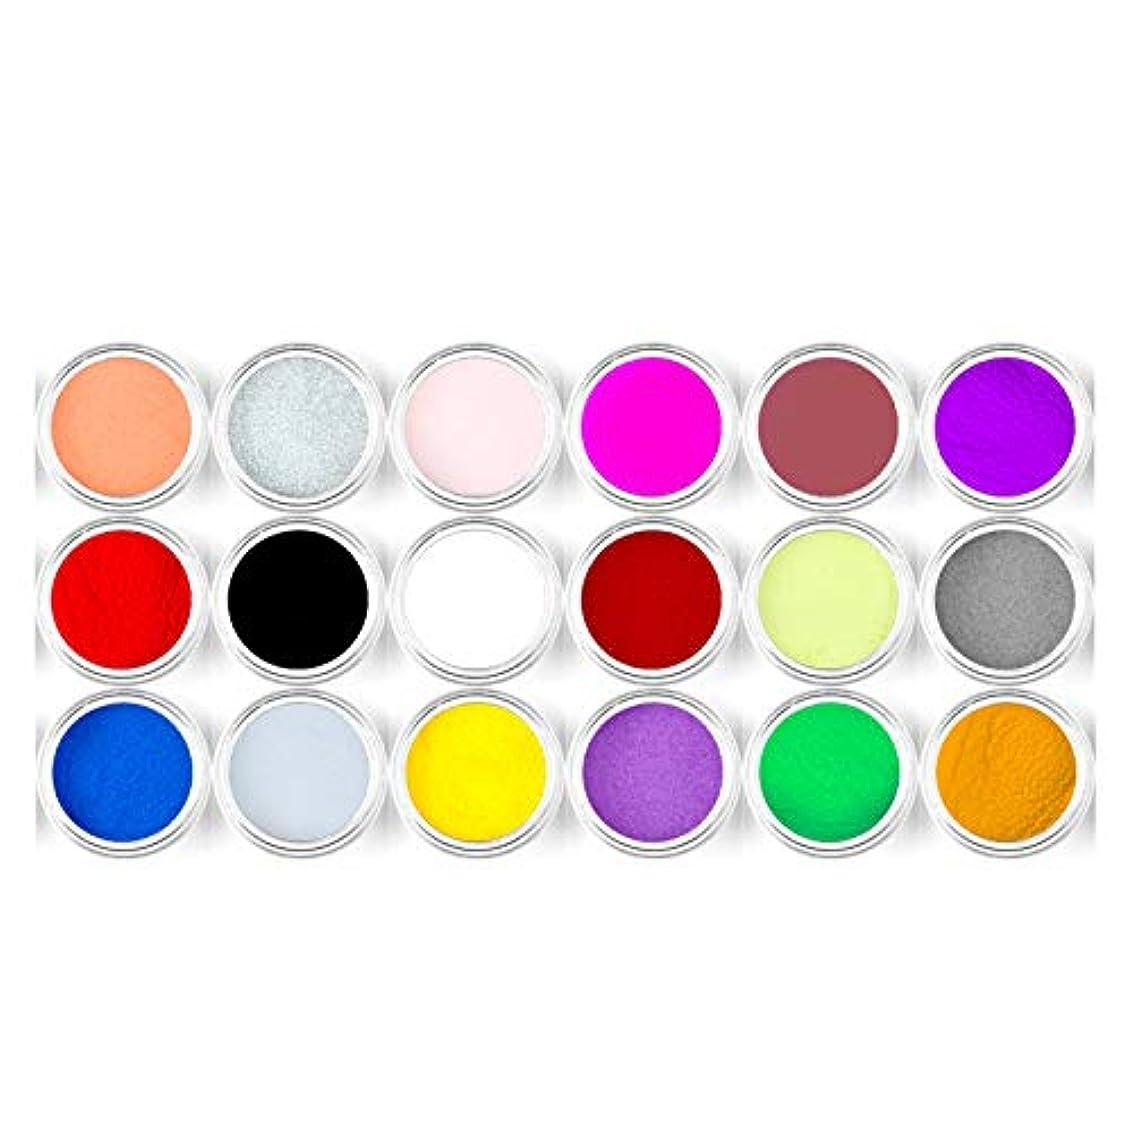 18色アクリルパウダーネイルアート用ネイルアートパウダースパークルダストアクリルUVパウダーダストカービング彫刻顔料